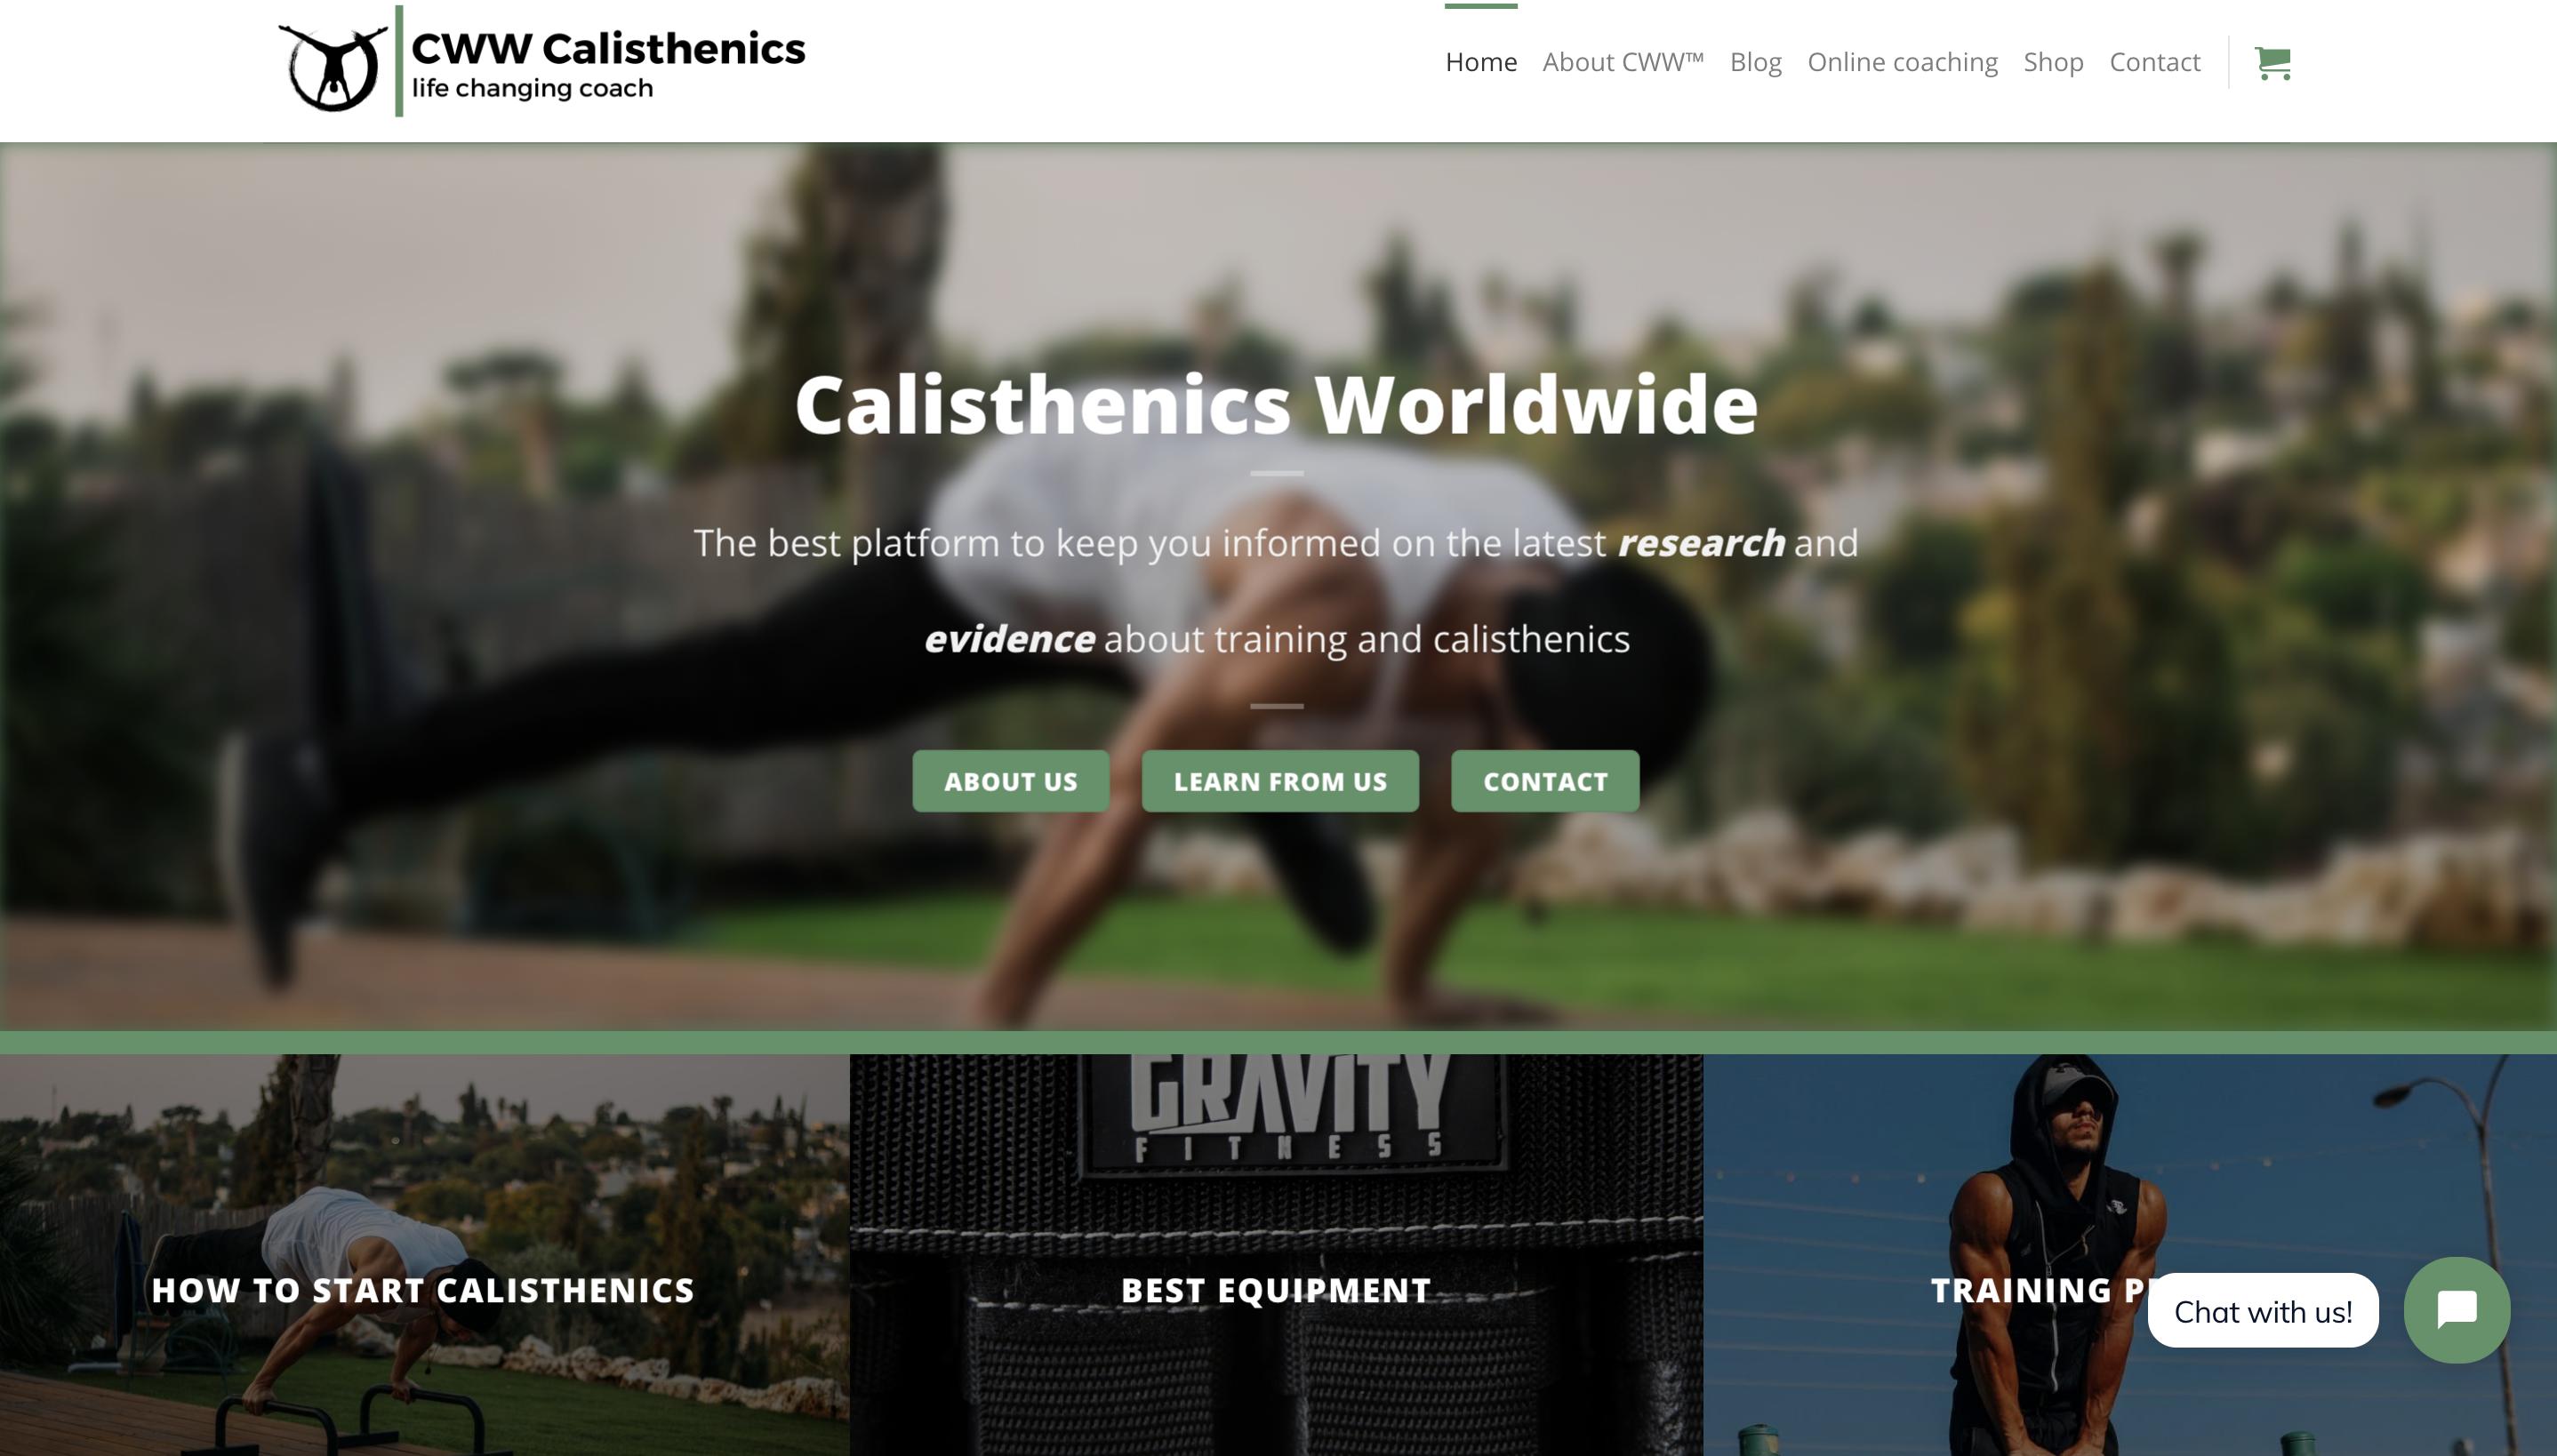 Calisthenics Worldwide